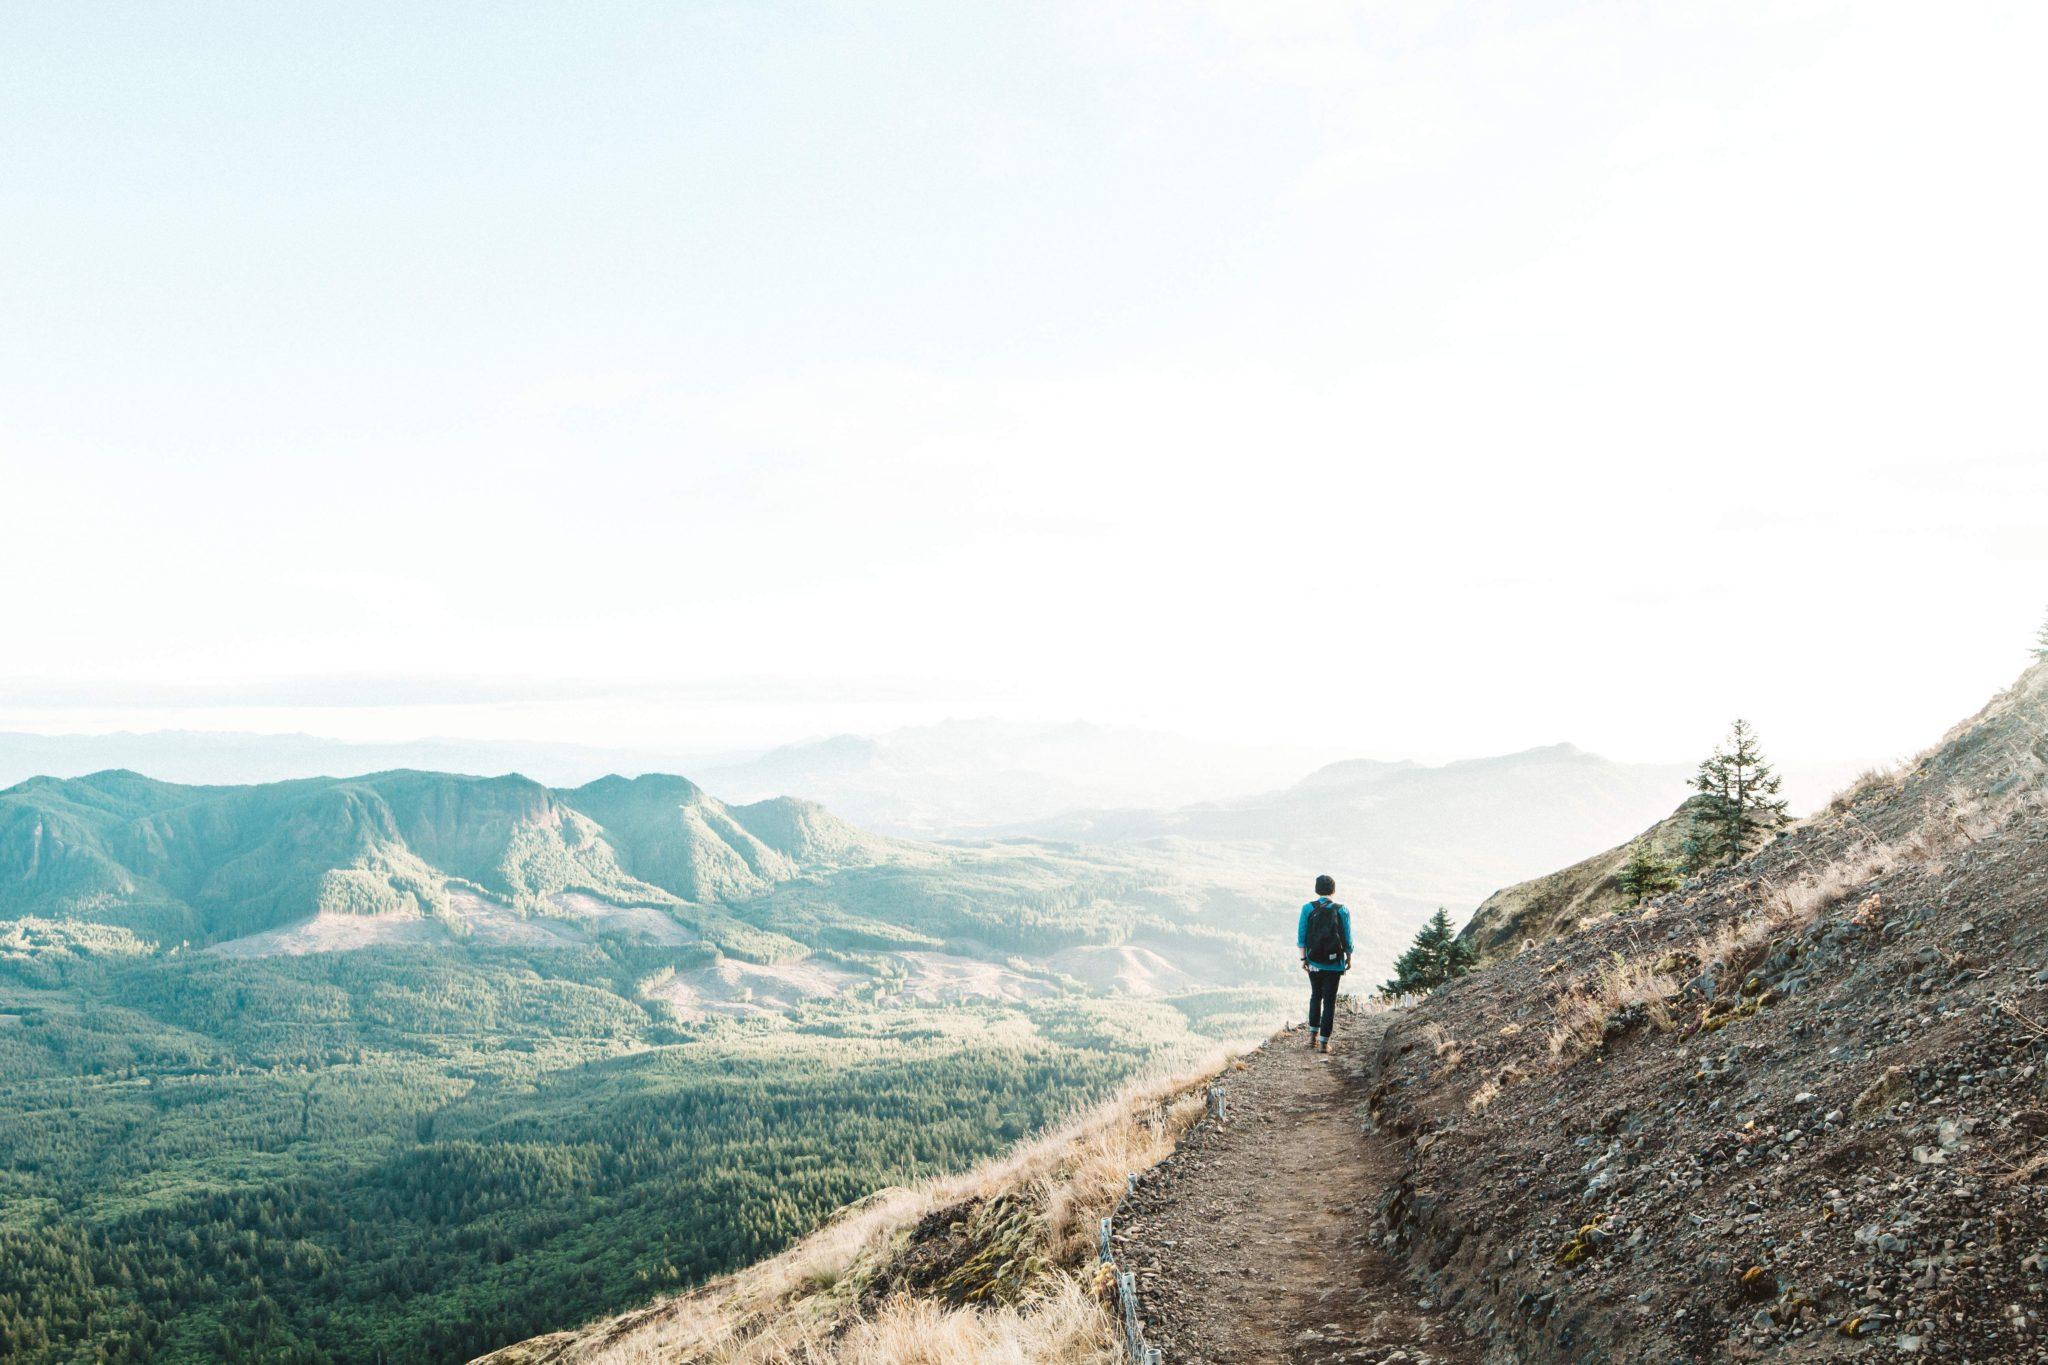 excursionista se enfrenta al infinito en su camino